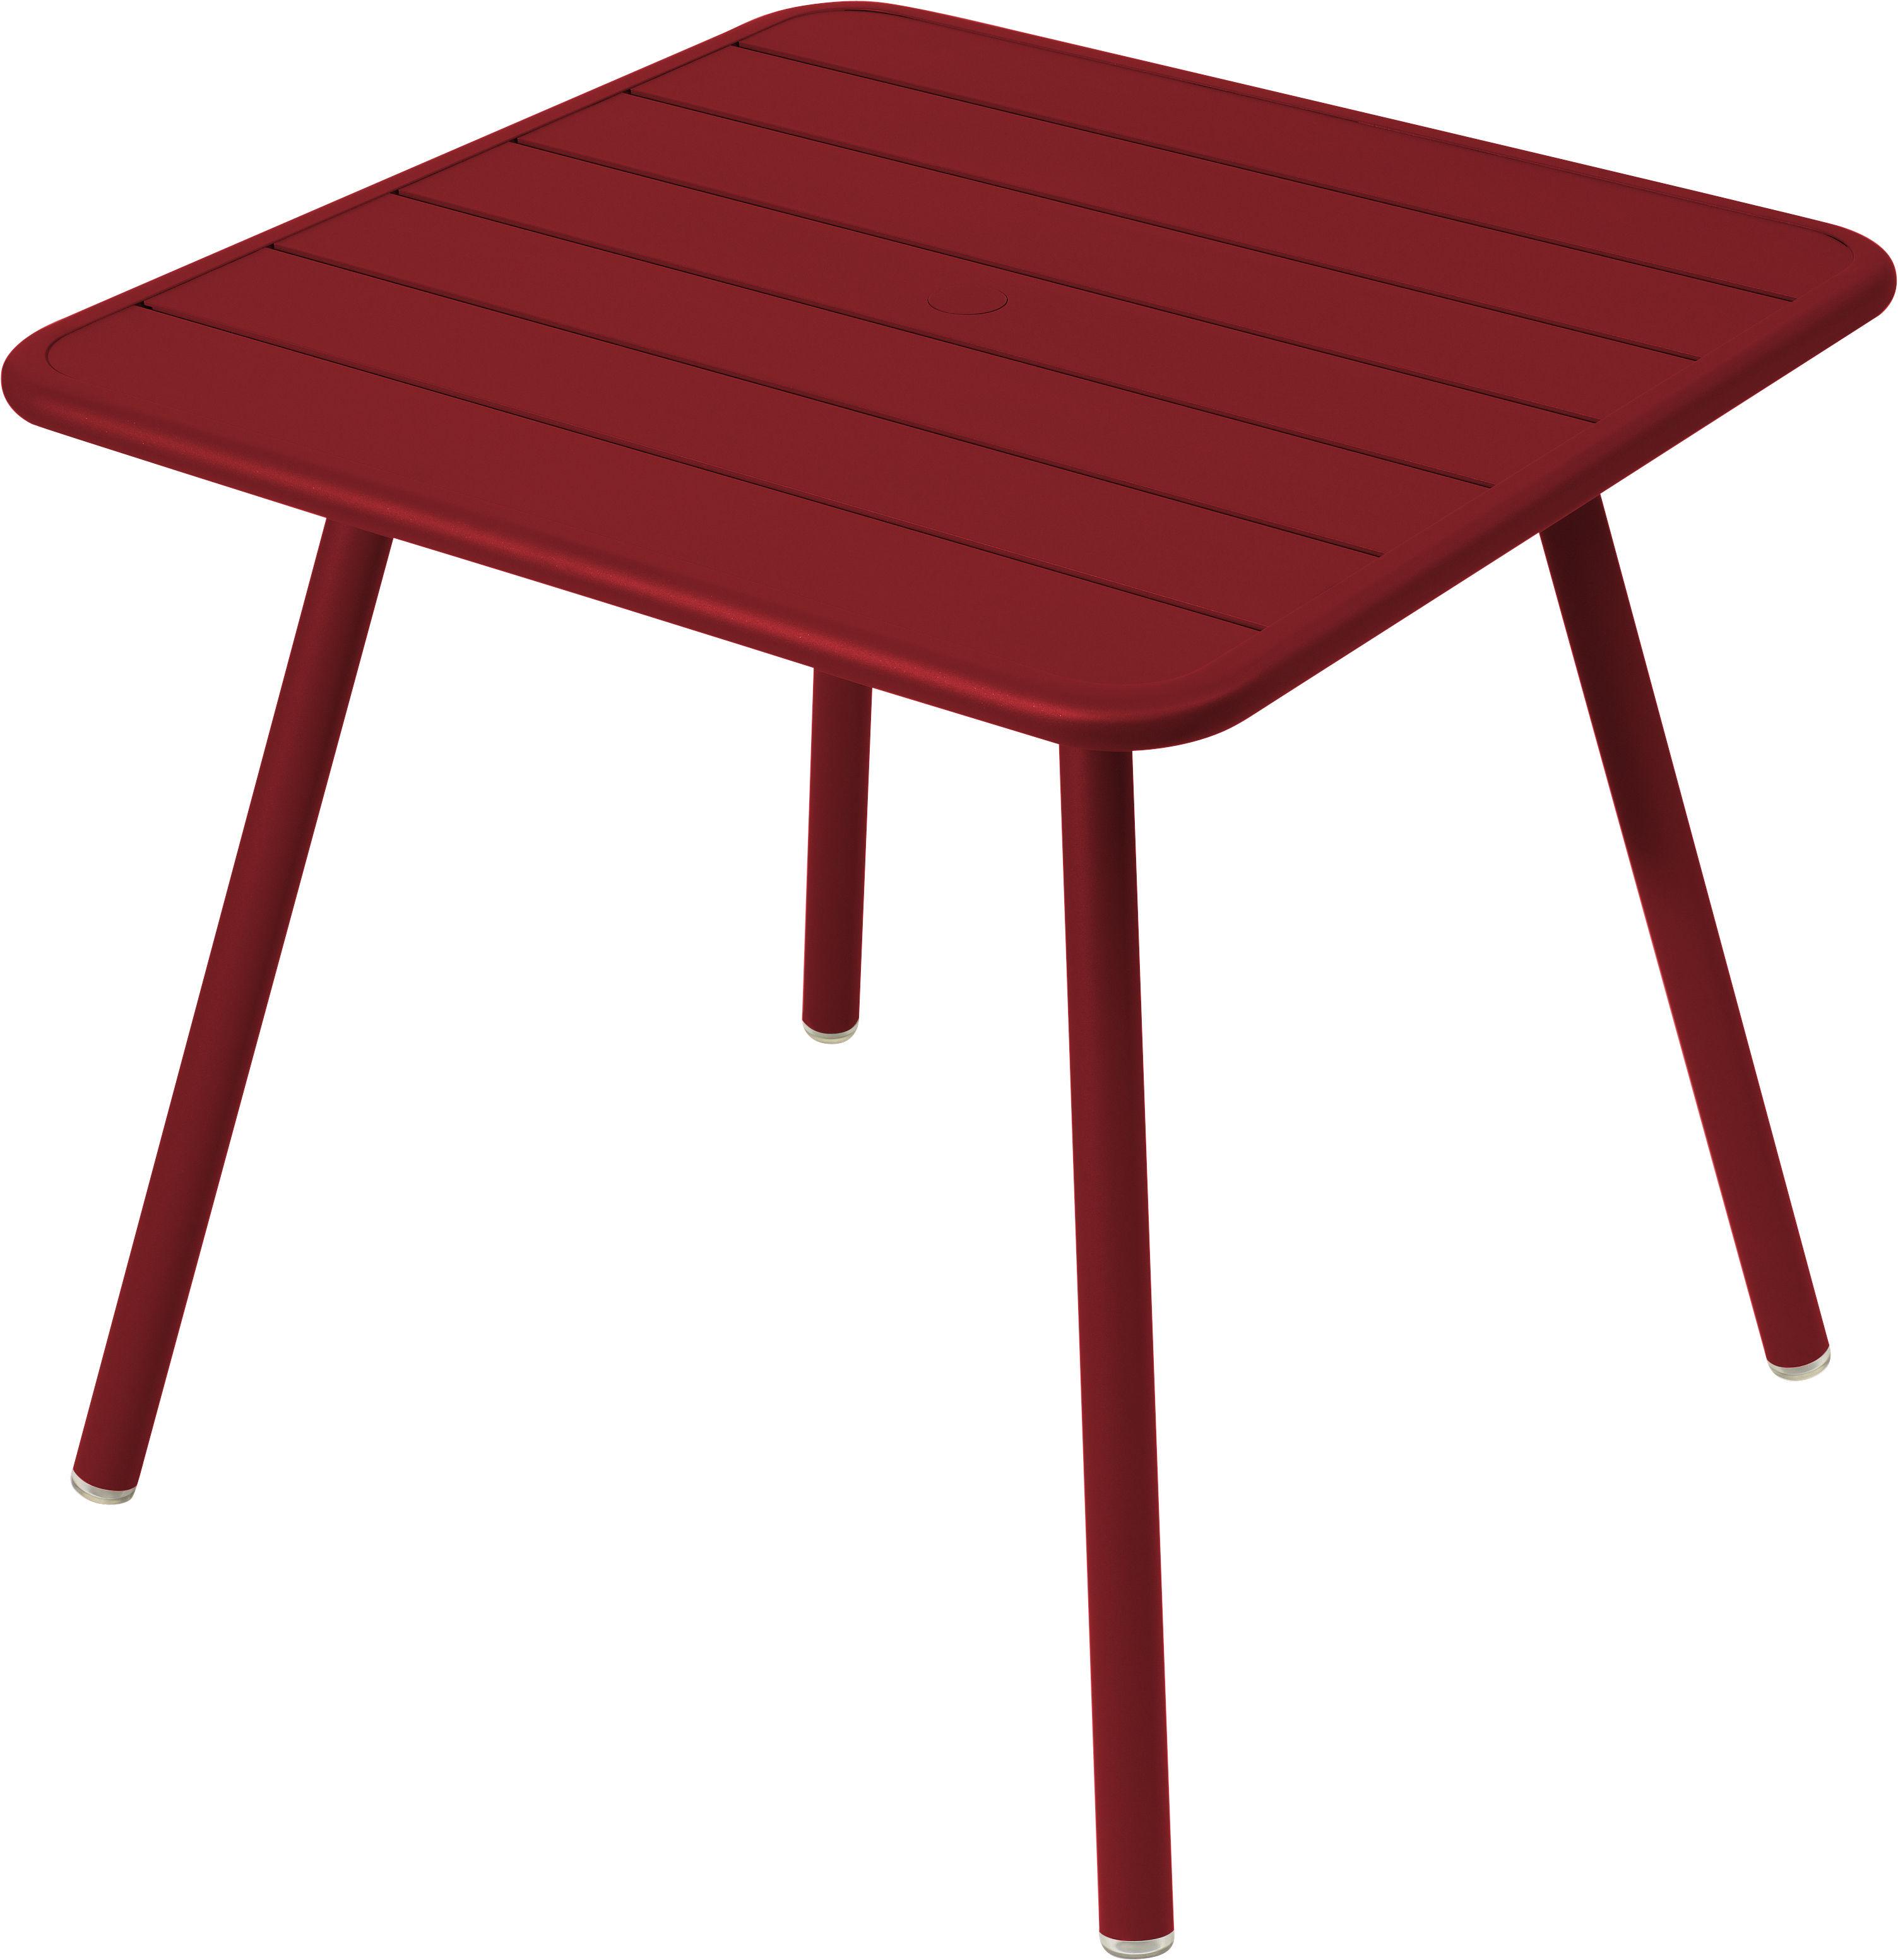 Scopri tavolo luxembourg 2 a 4 persone 80 x 80 cm 4 - Tavolo 4 persone ...